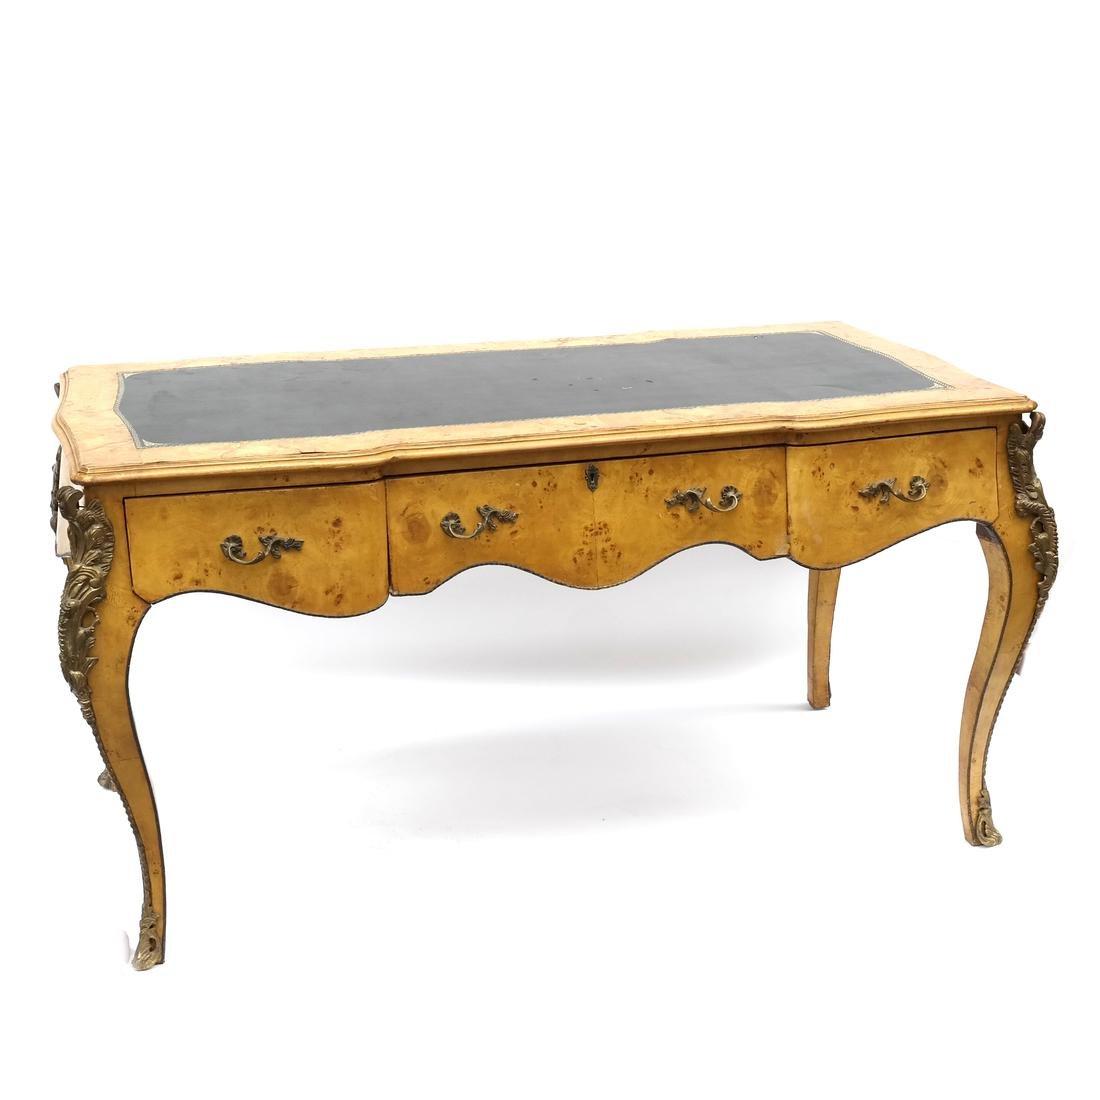 French-Style Bureau Plat / Writing Desk